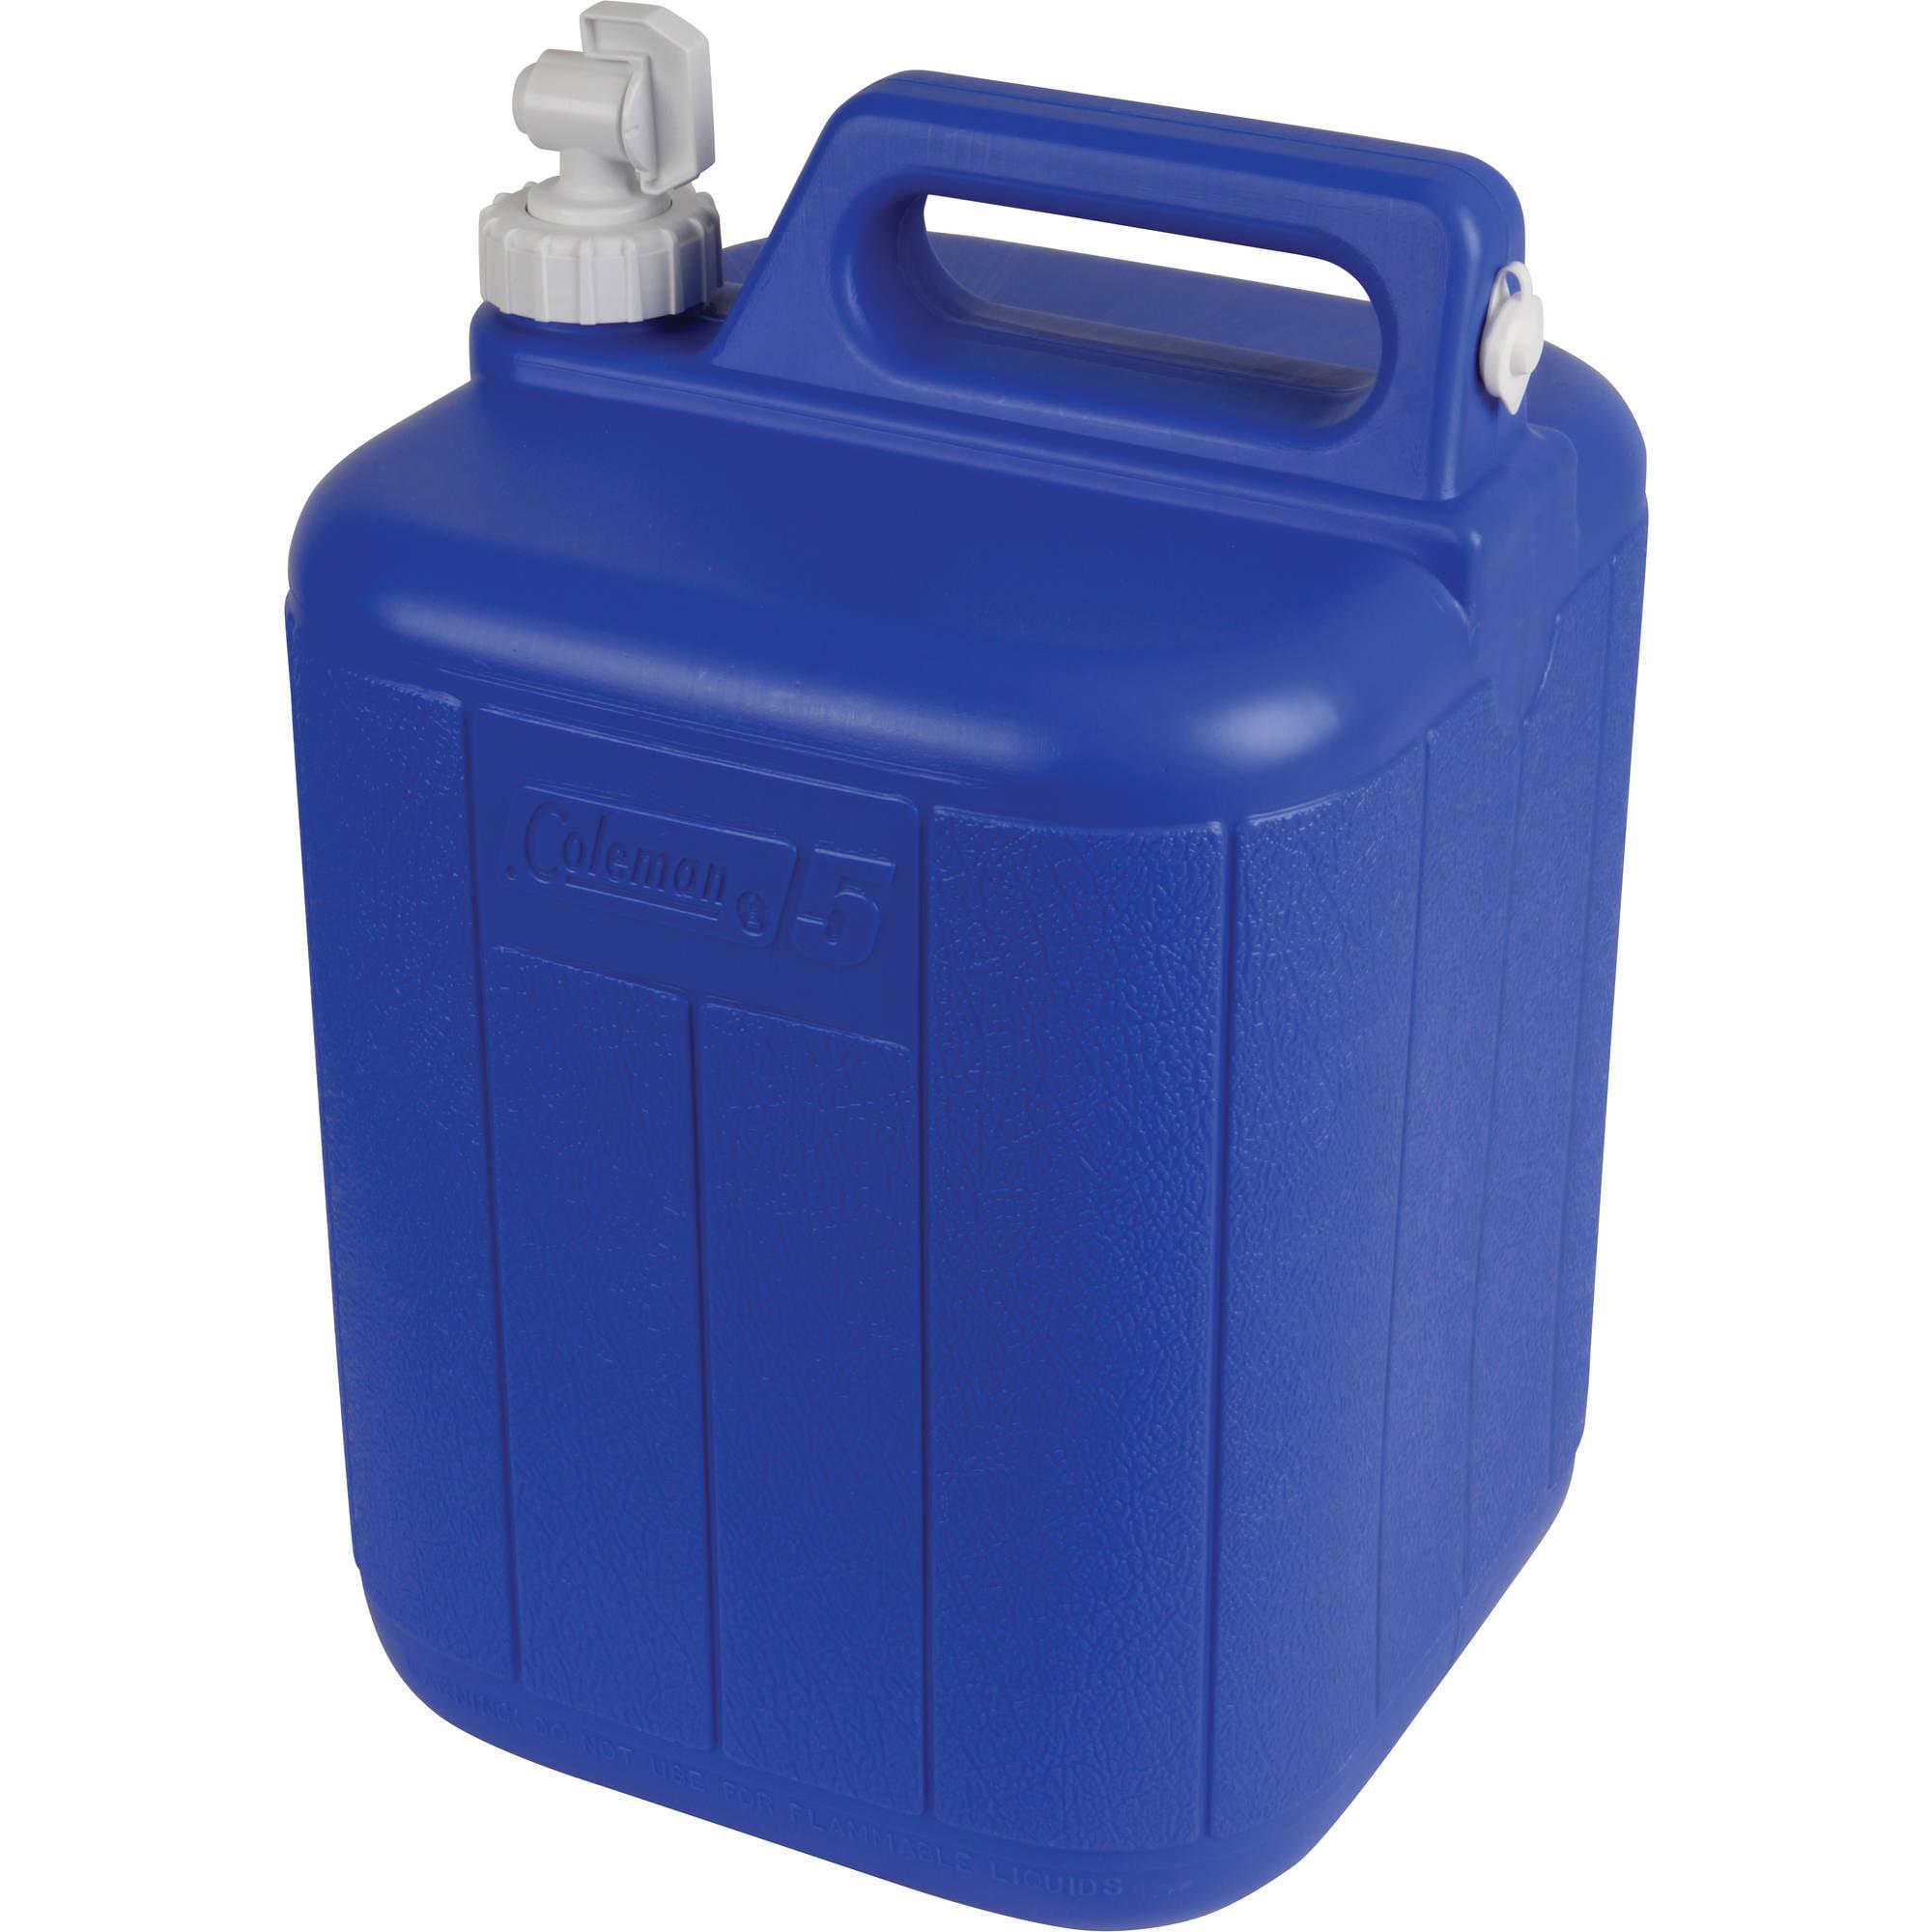 Coleman 5 Gallon Water Carrier Blue Walmartcom